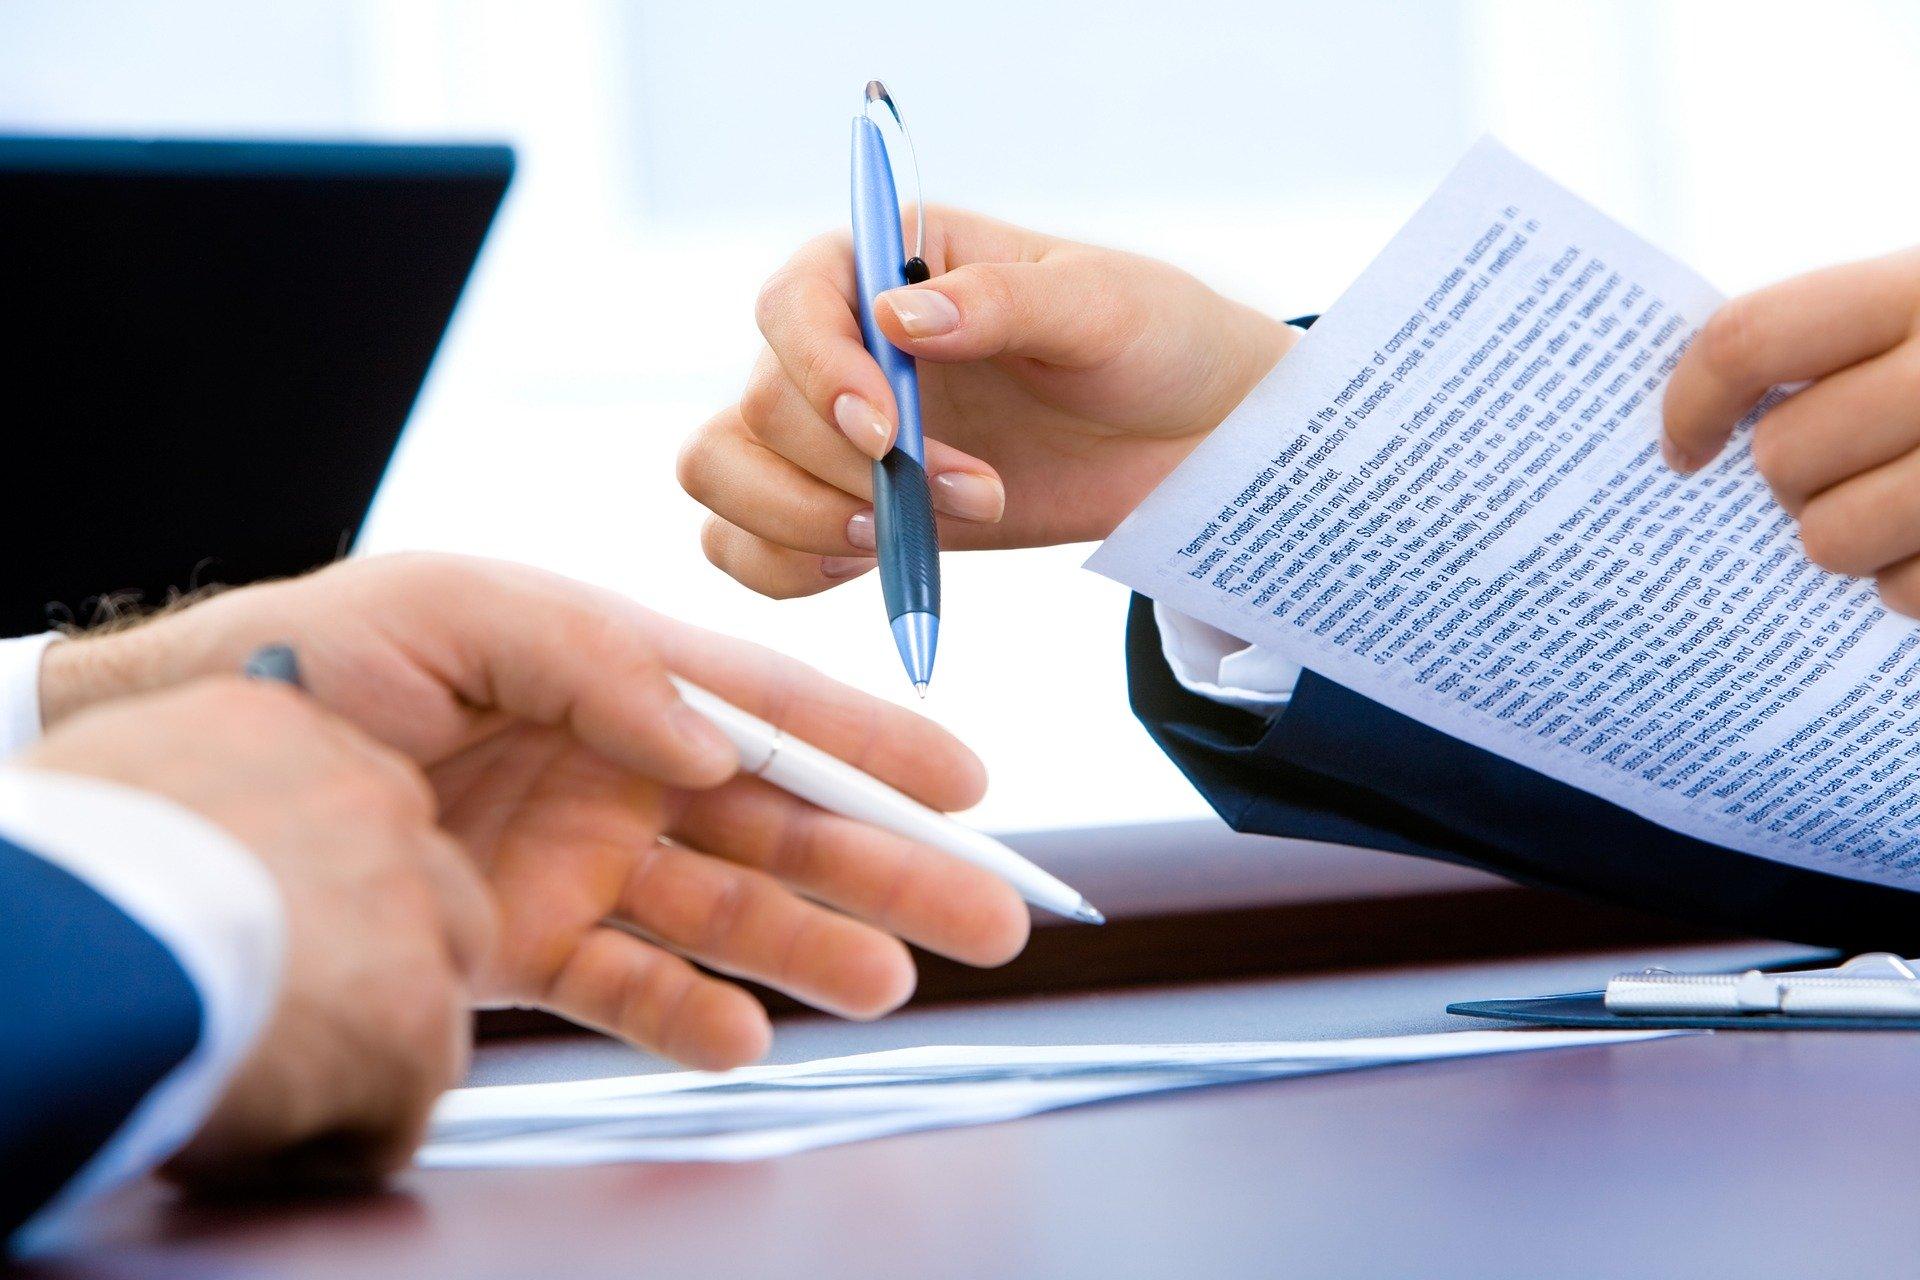 総合商社の一般職を受けるべき3つの理由とデメリットも2つ紹介!